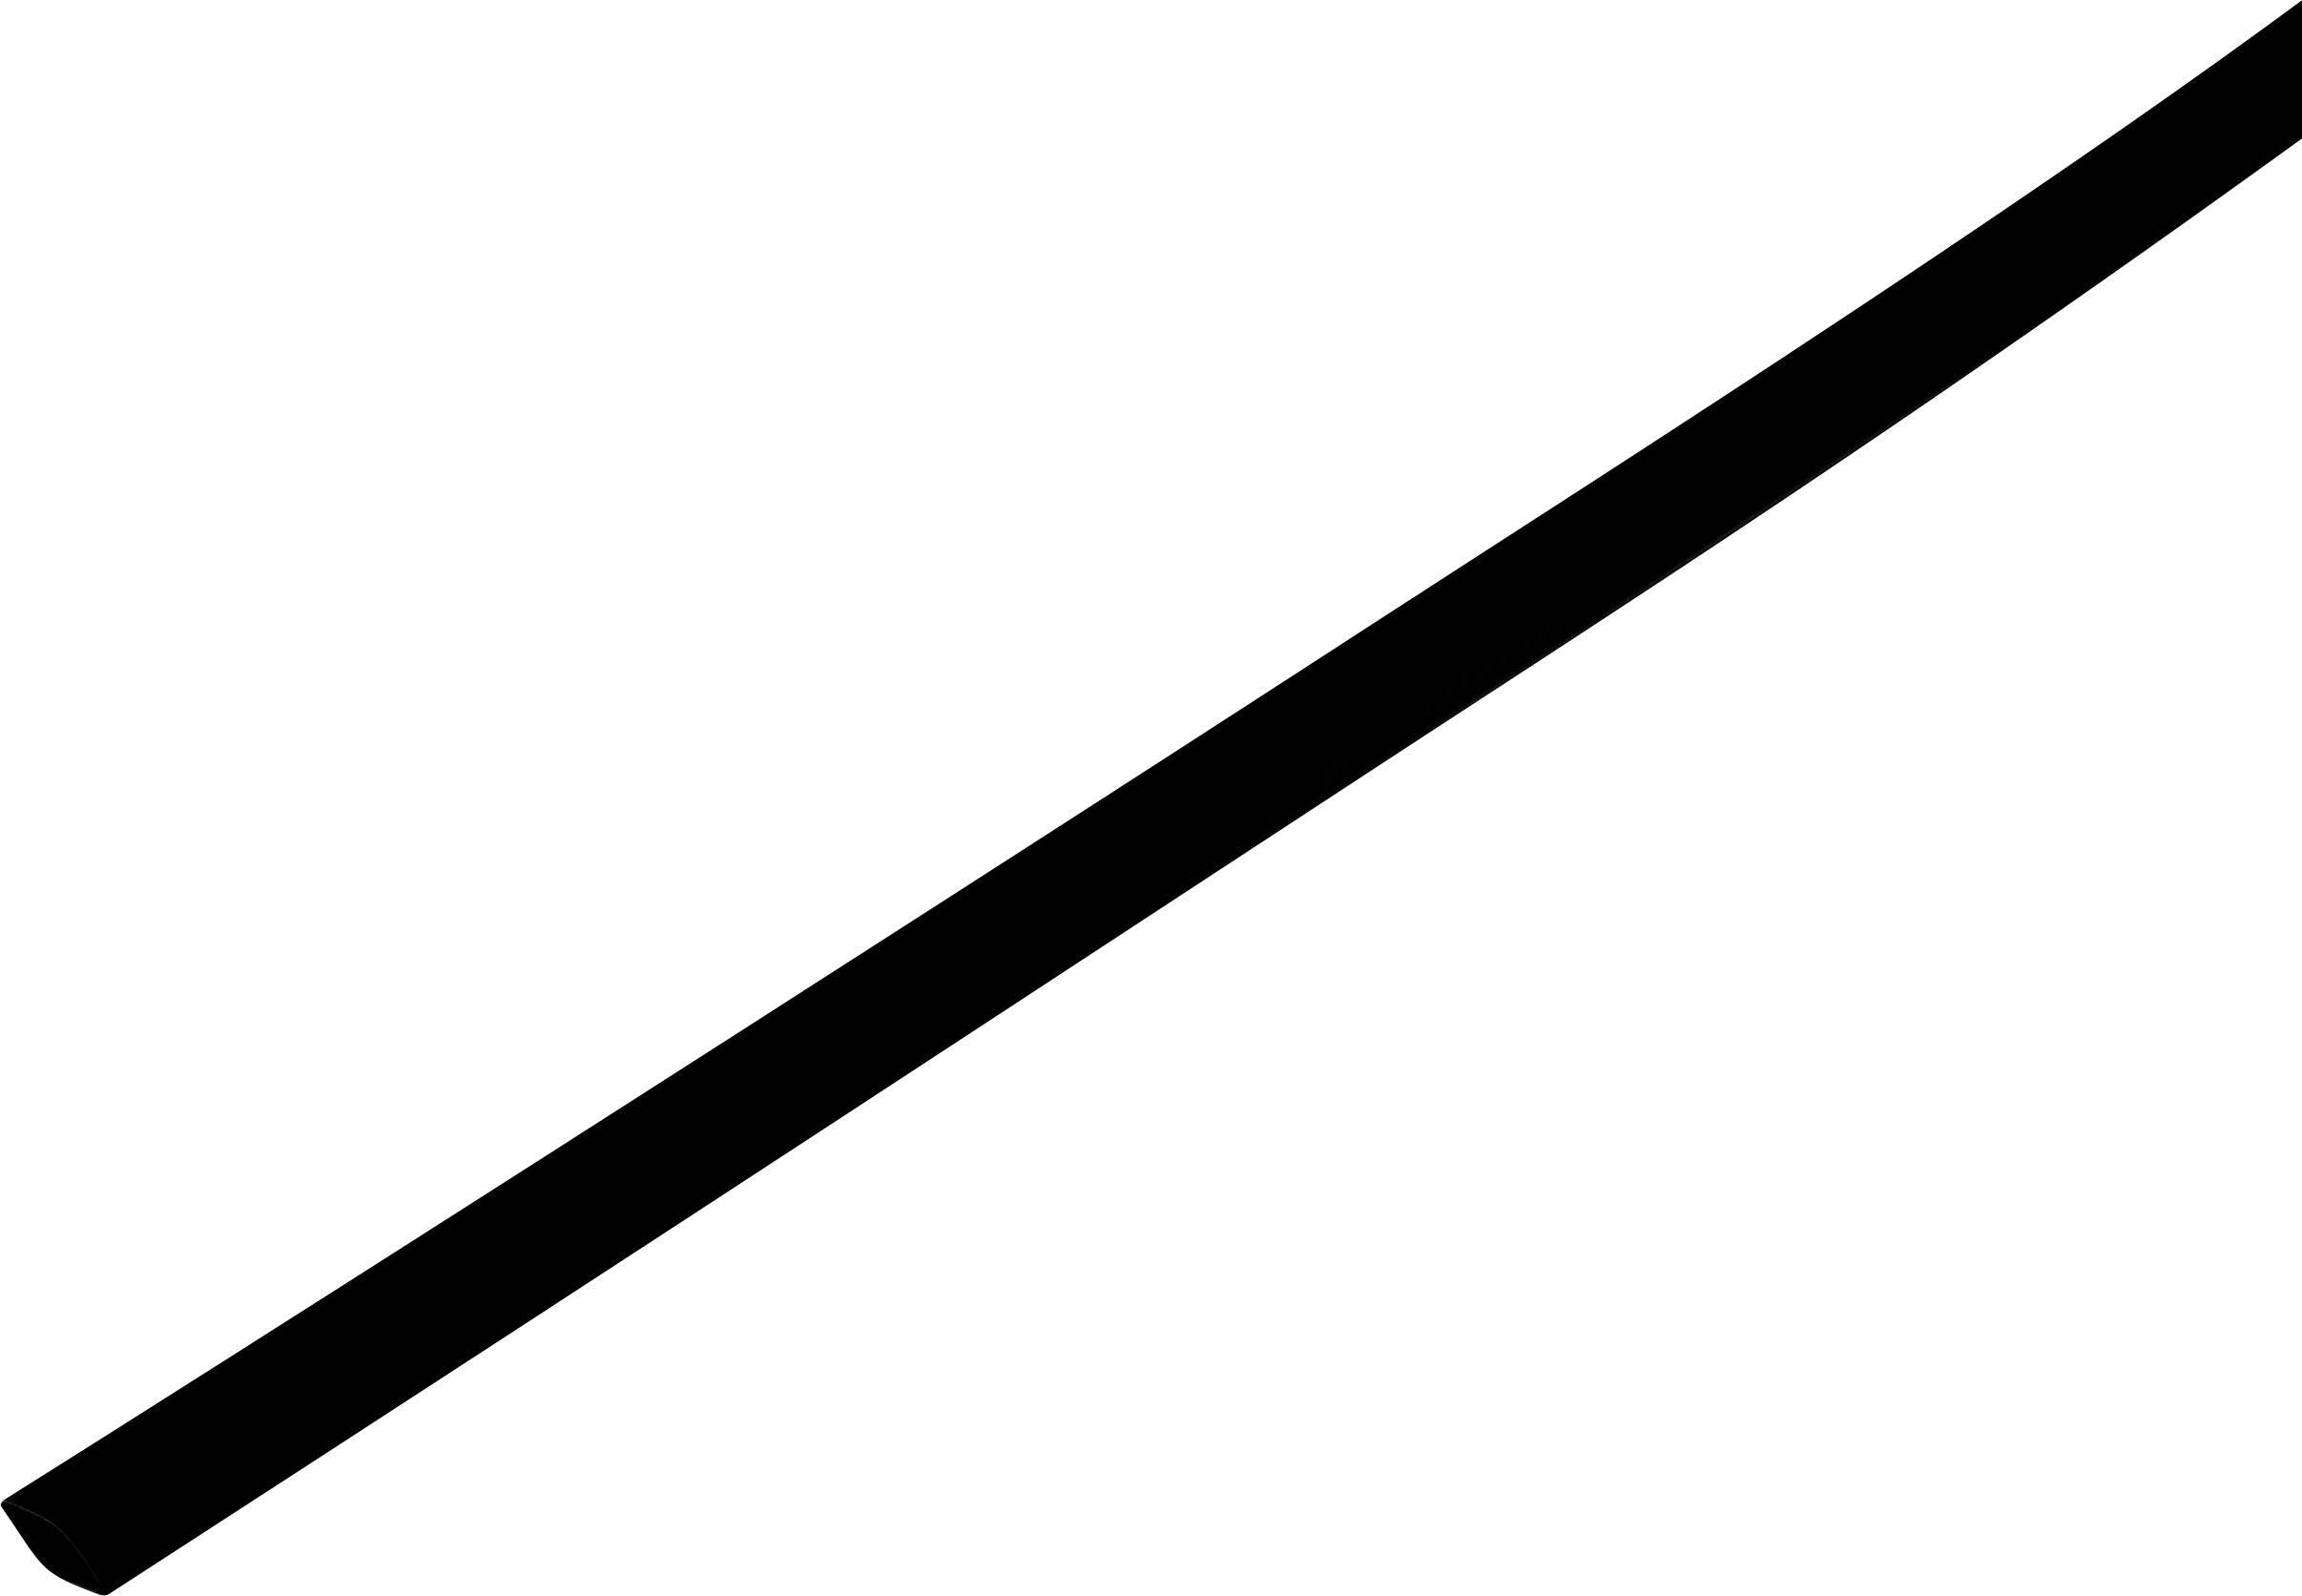 Zmršťovacie bužírky nelepiace 1225475, 2:1, 8.60 mm, čierna, metrový tovar